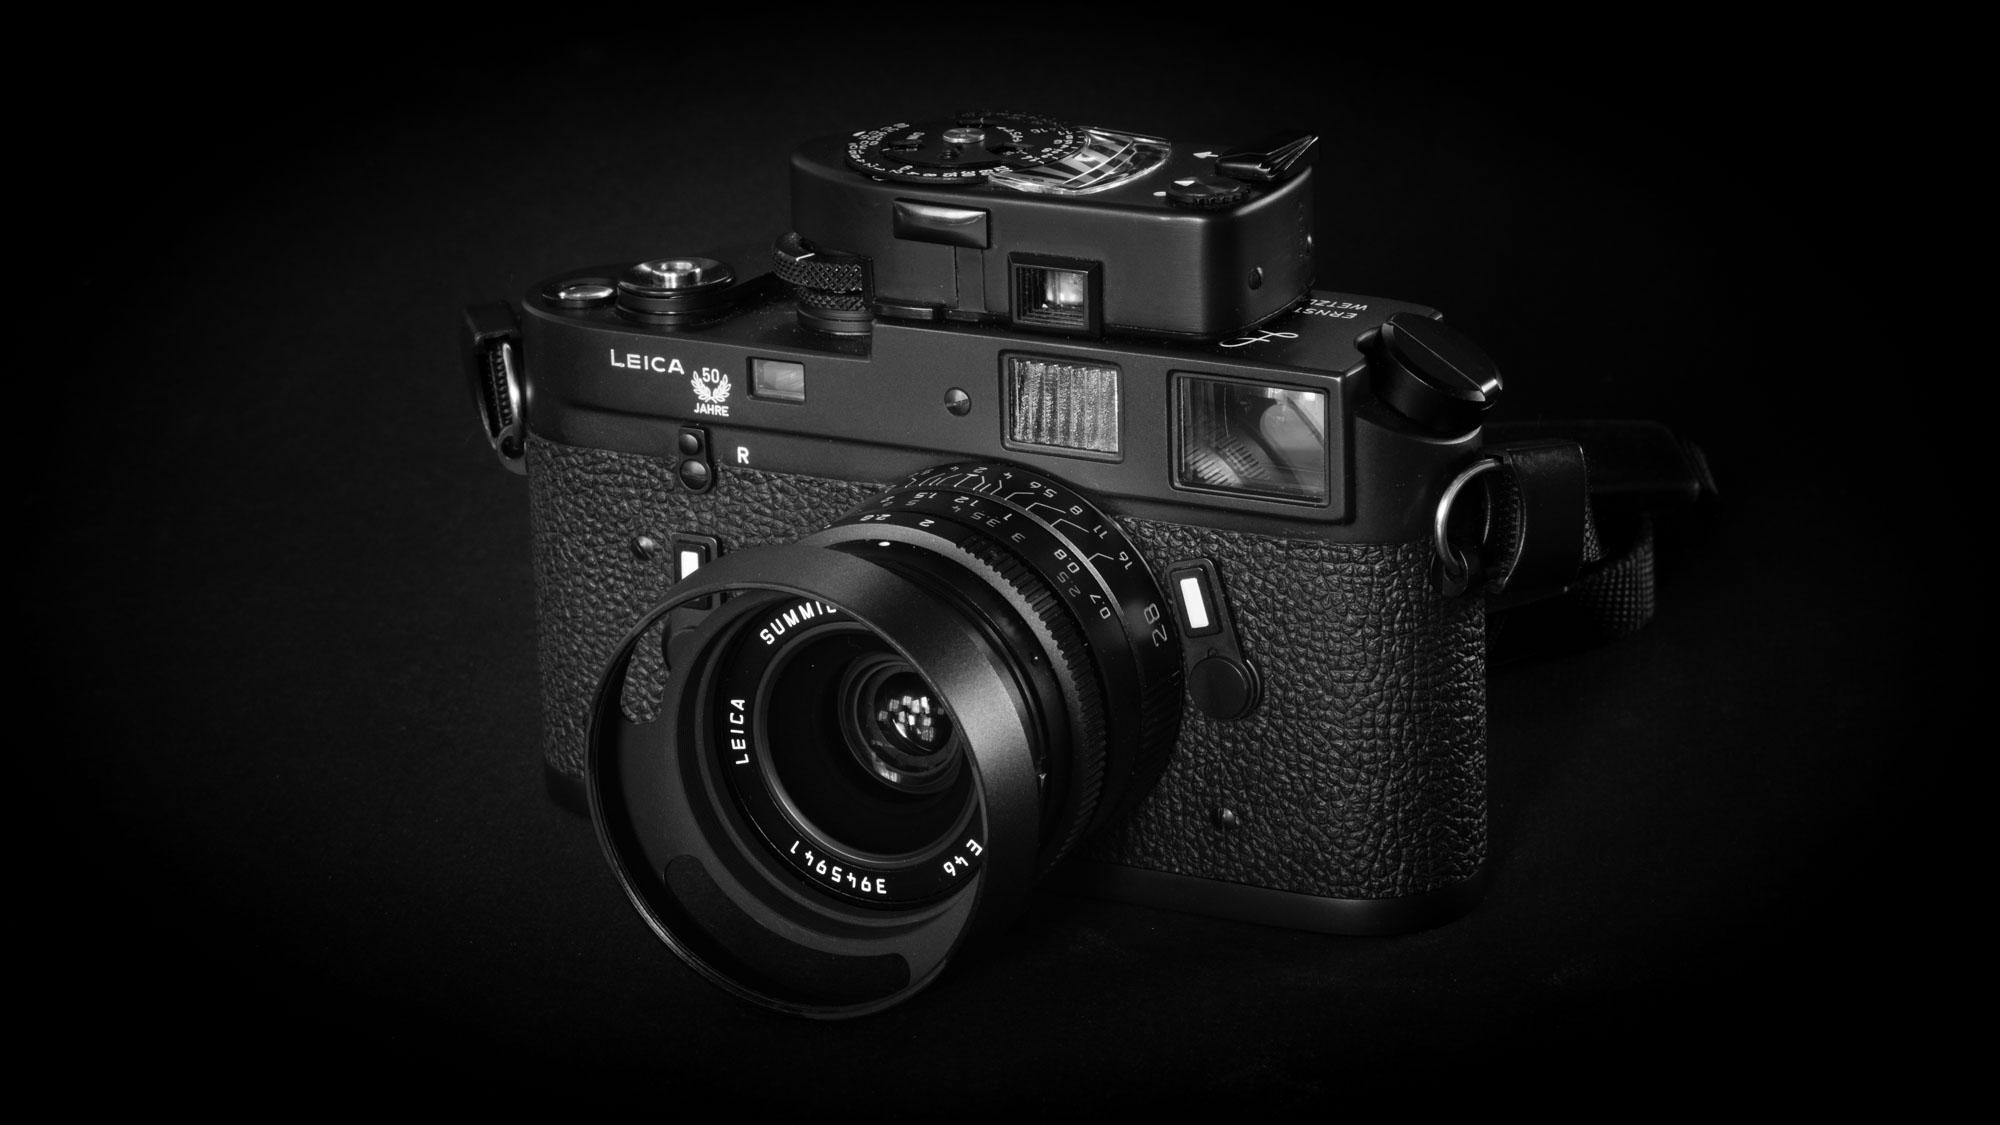 Leica M6 Entfernungsmesser Justieren : Die analogen m leicas messsucherweltmesssucherwelt